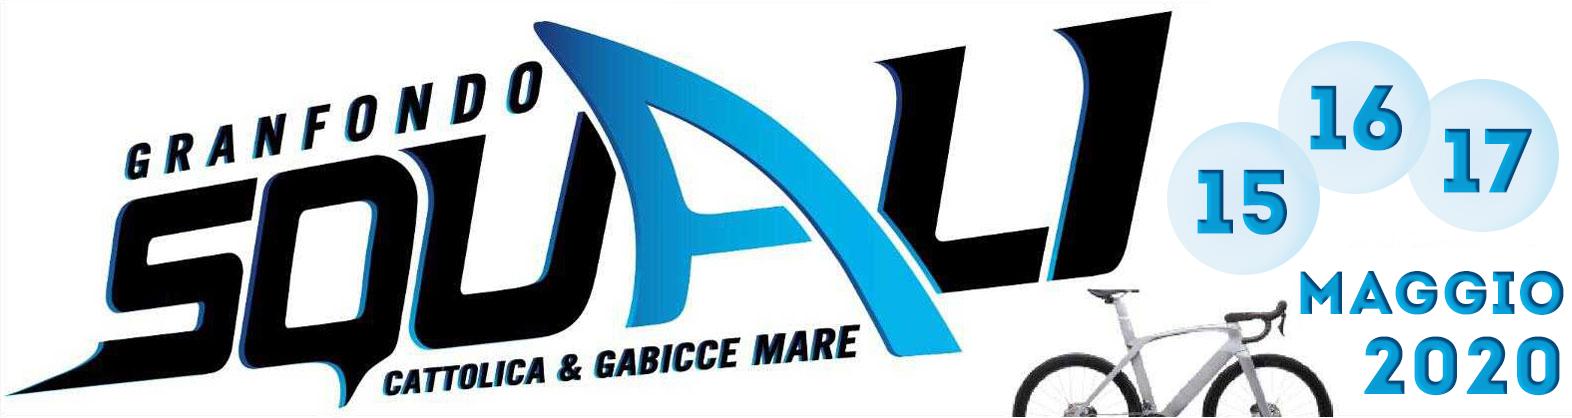 logo_granfondo_degli_squali_2020